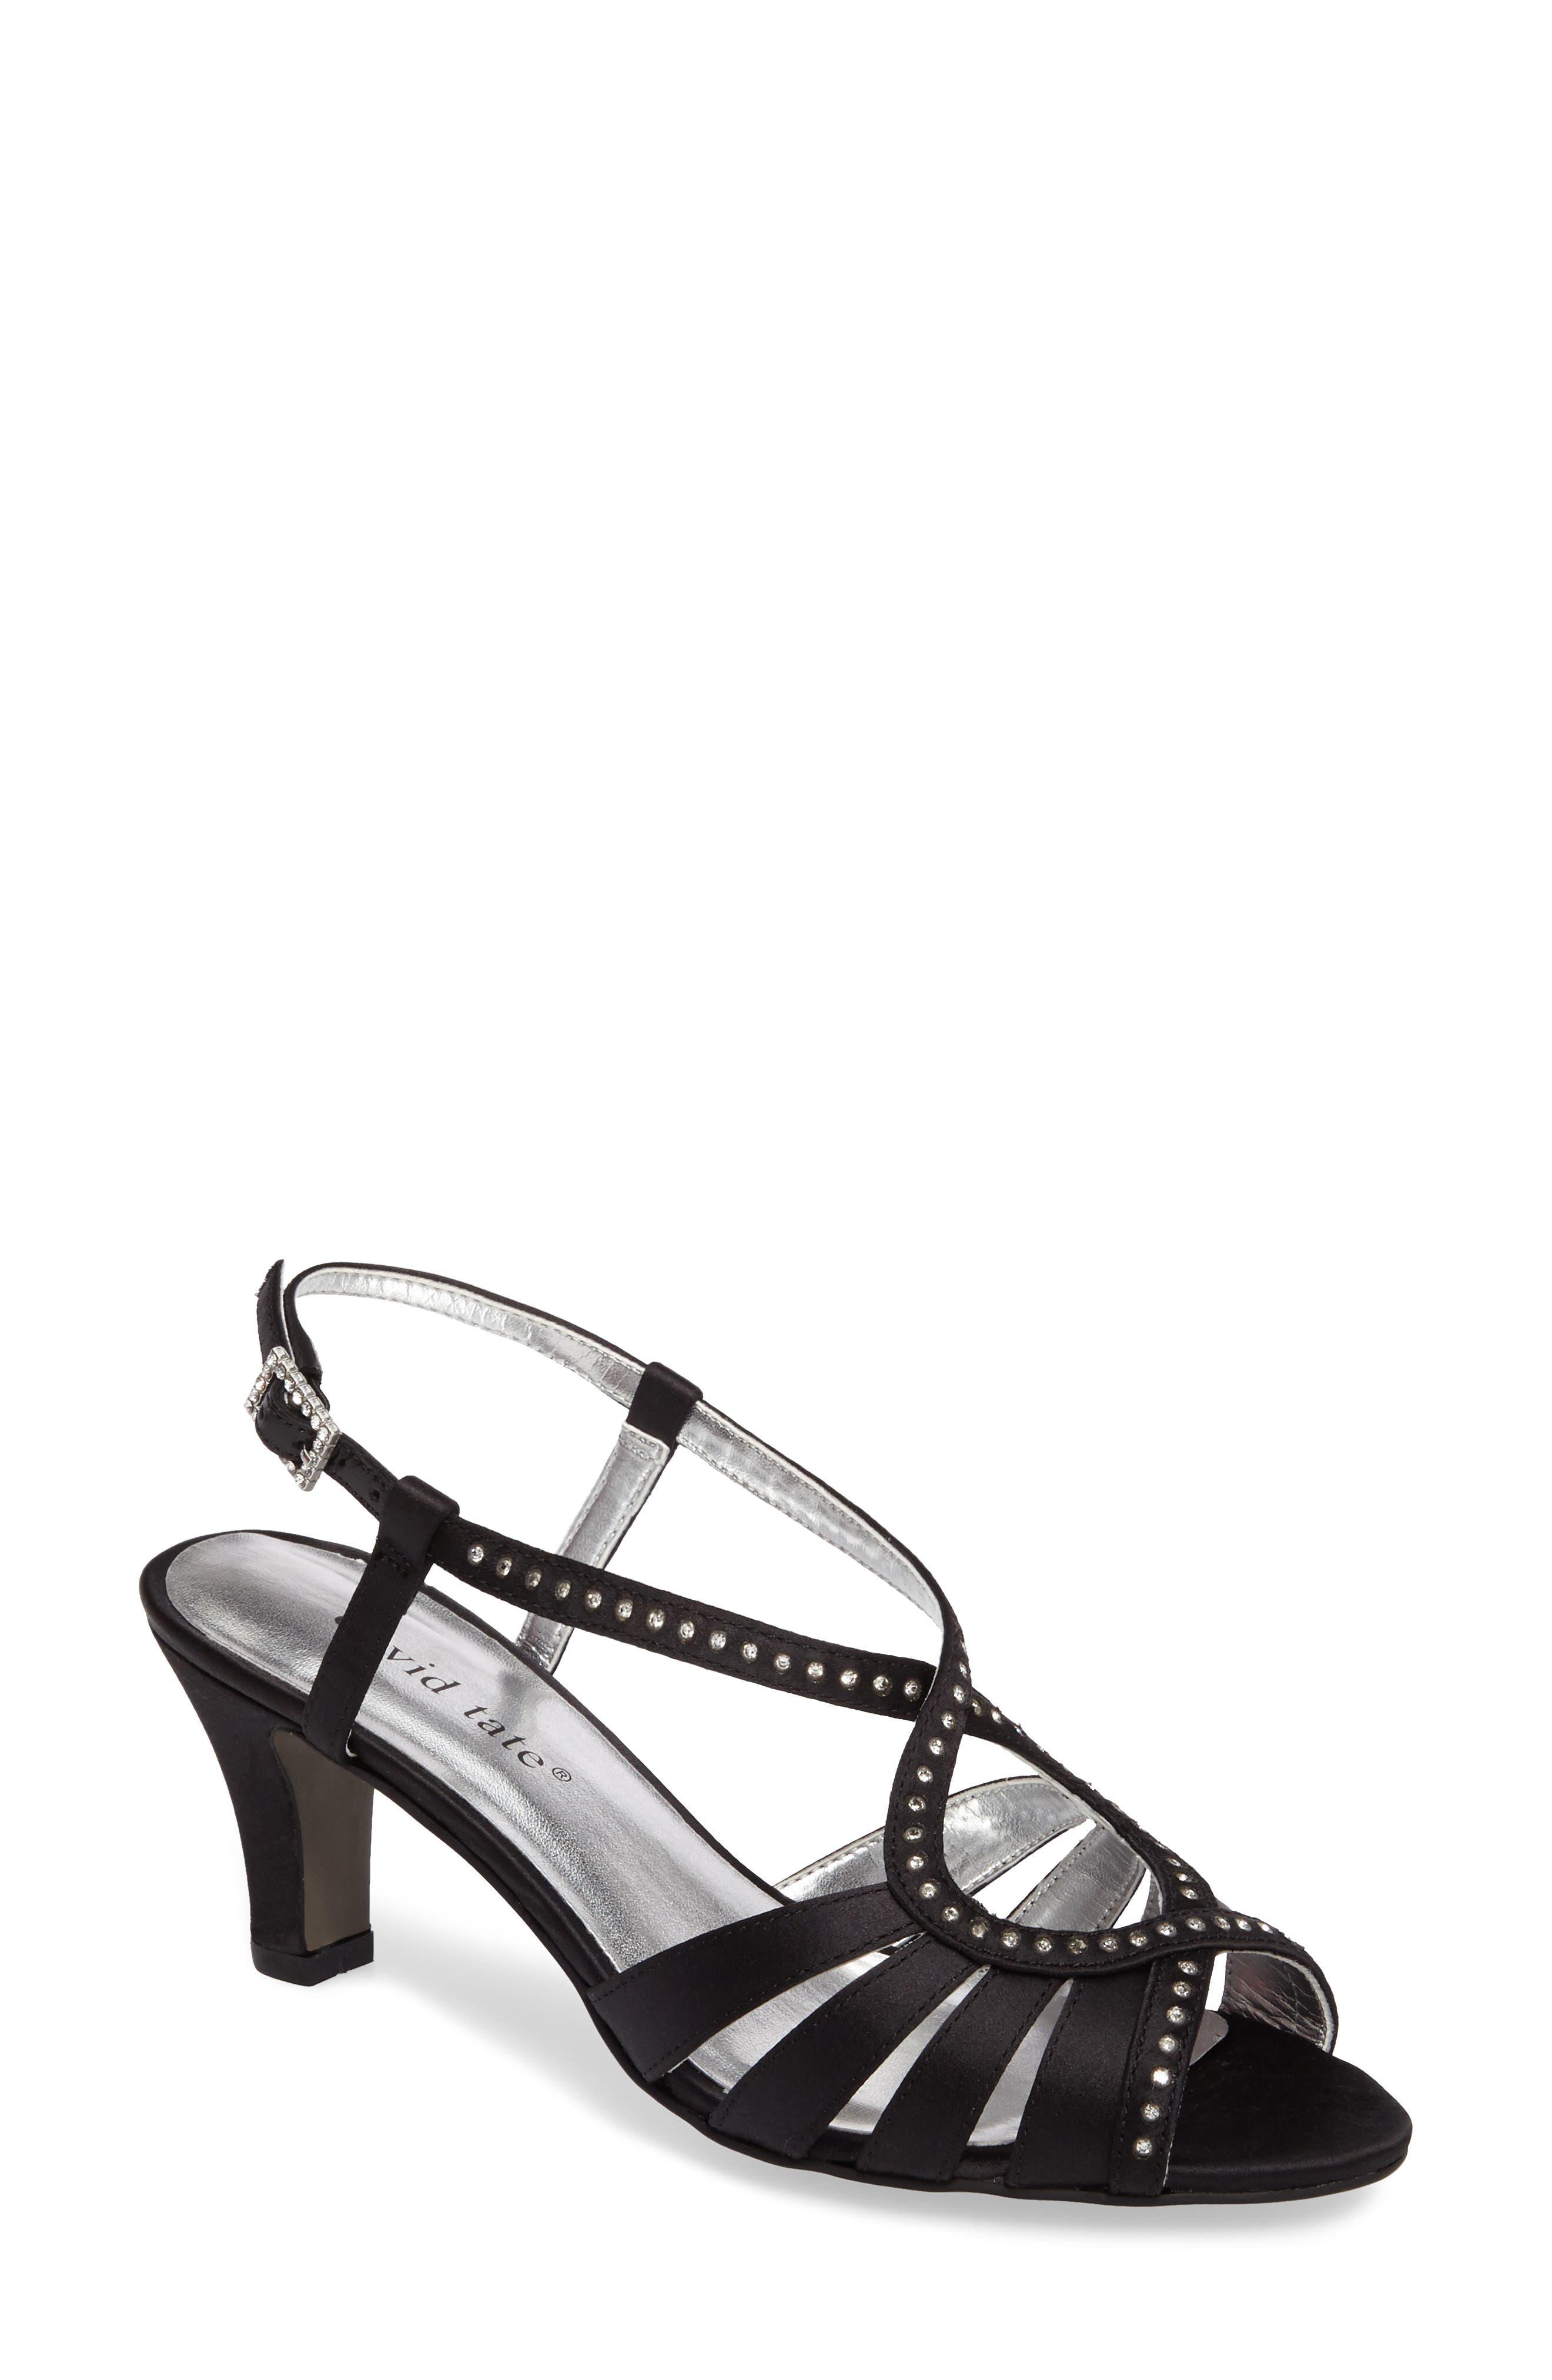 DAVID TATE Whisper Slingback Sandal, Main, color, BLACK SATIN